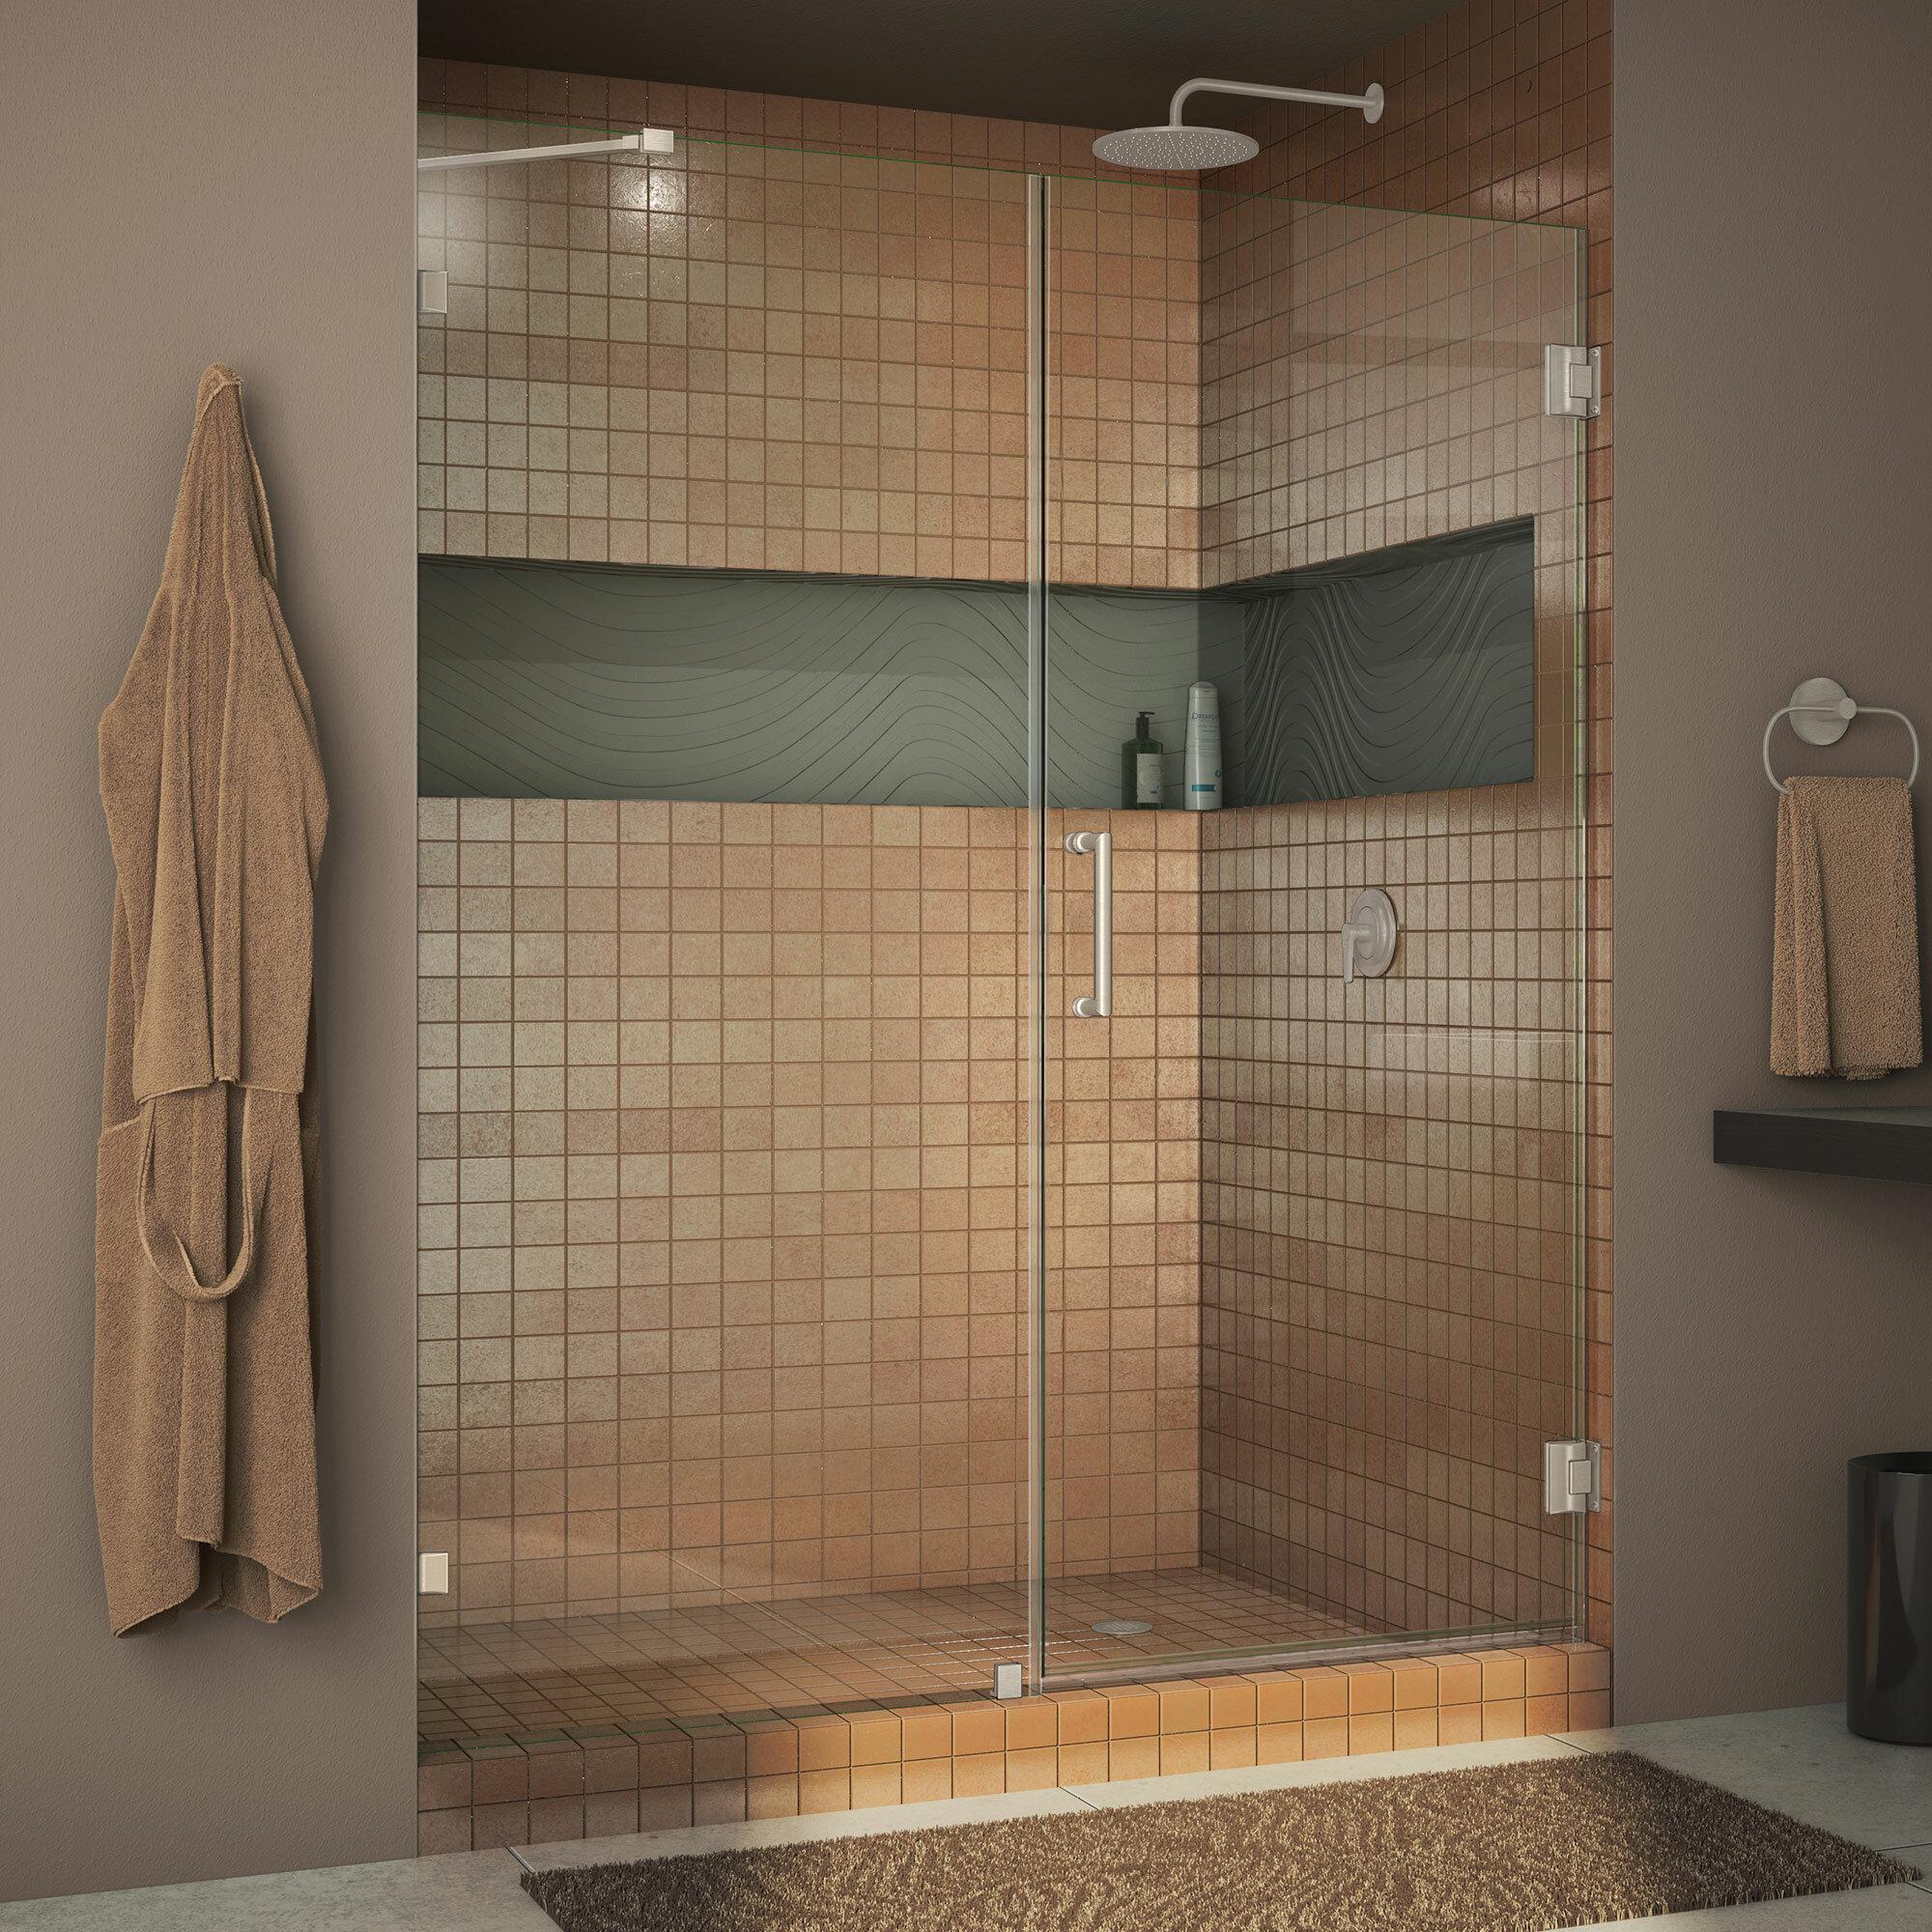 Dreamline Unidoor 60 X 72 Hinged Frameless Shower Door With